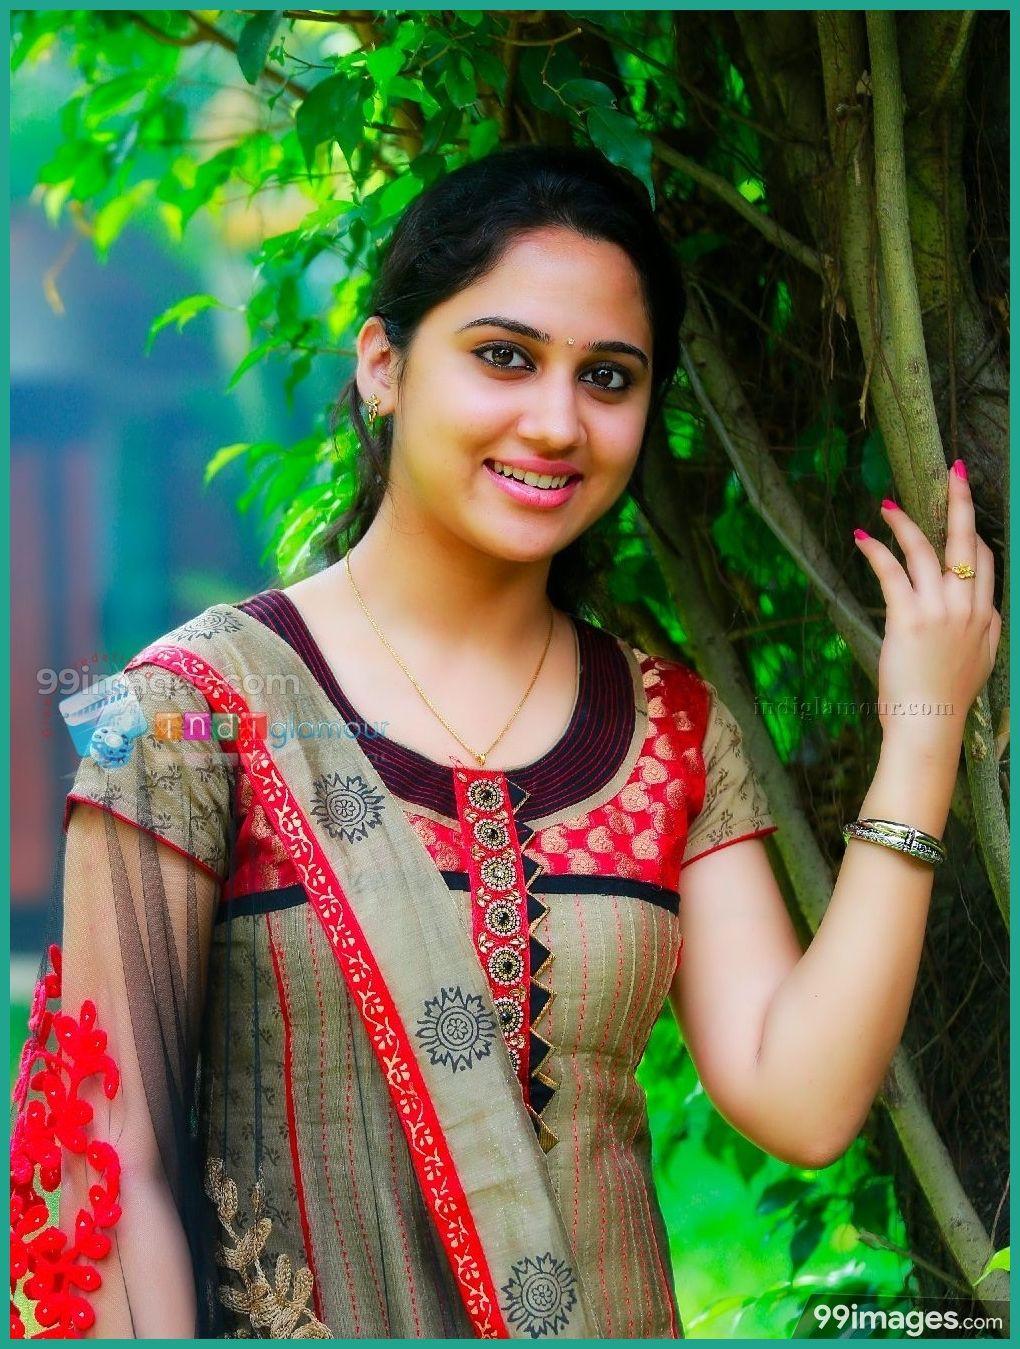 Miya George Hd Wallpapers Images 1080p 5851 Miyageorge Kollywood Mollywood Actress Beautiful Girl In India Miya George Most Beautiful Indian Actress